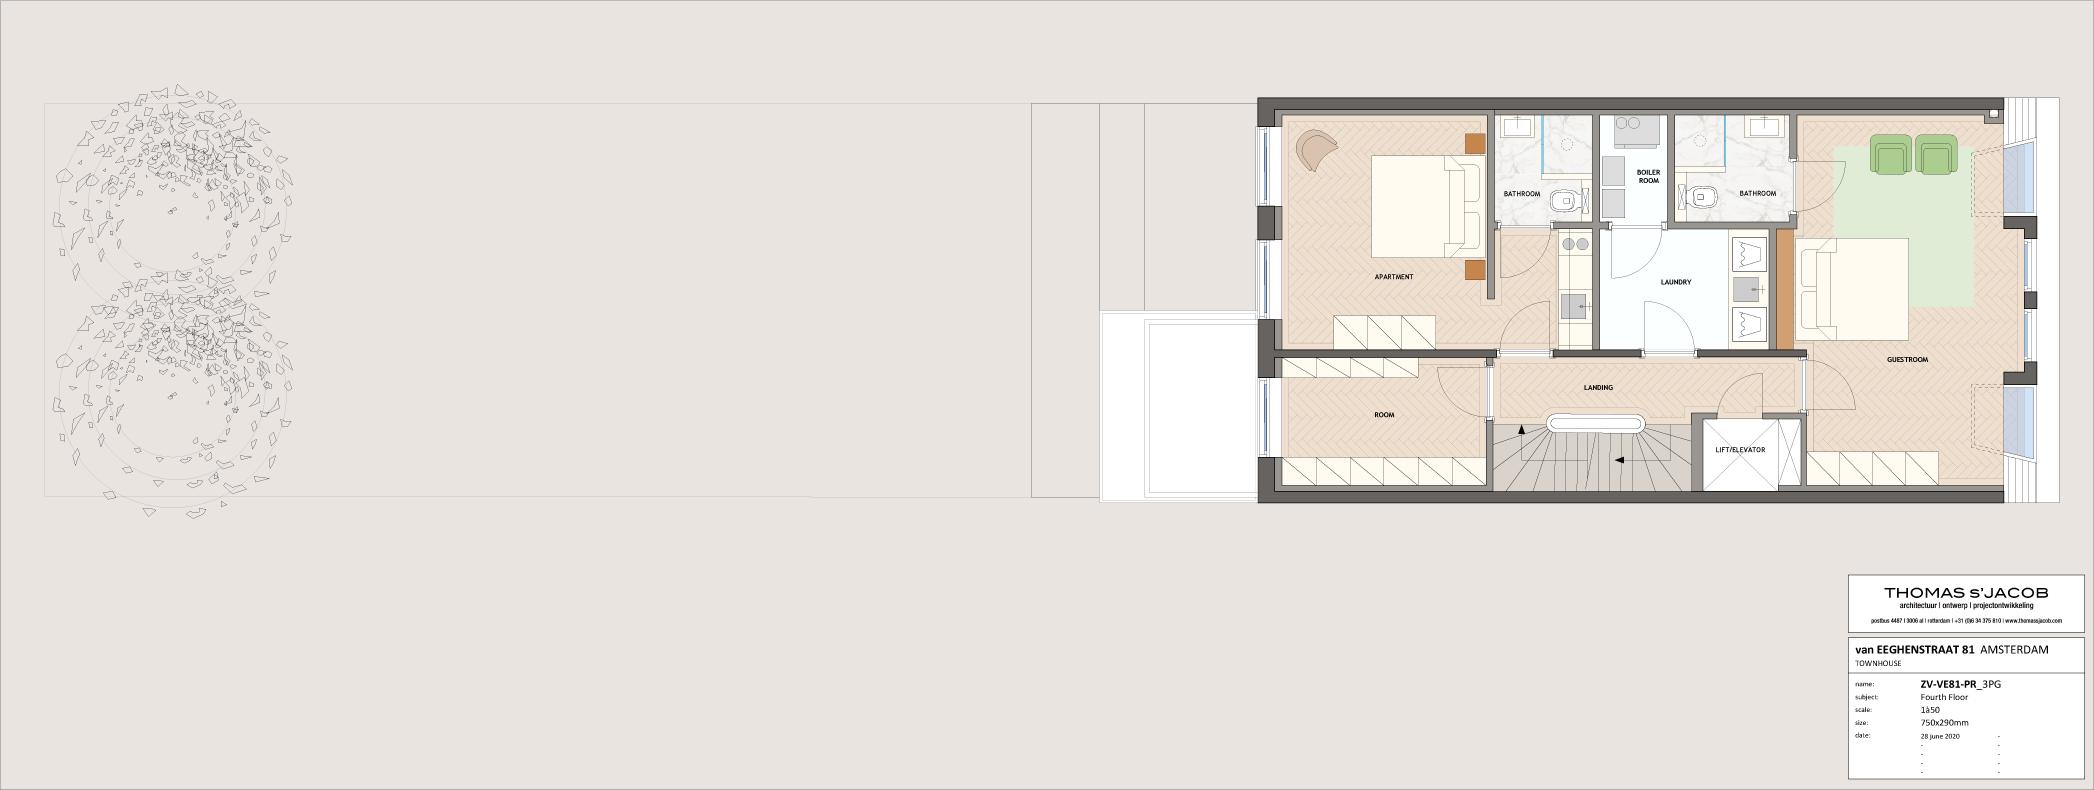 plattegrond 4e verdieping van eeghenstraat 81 amsterdam